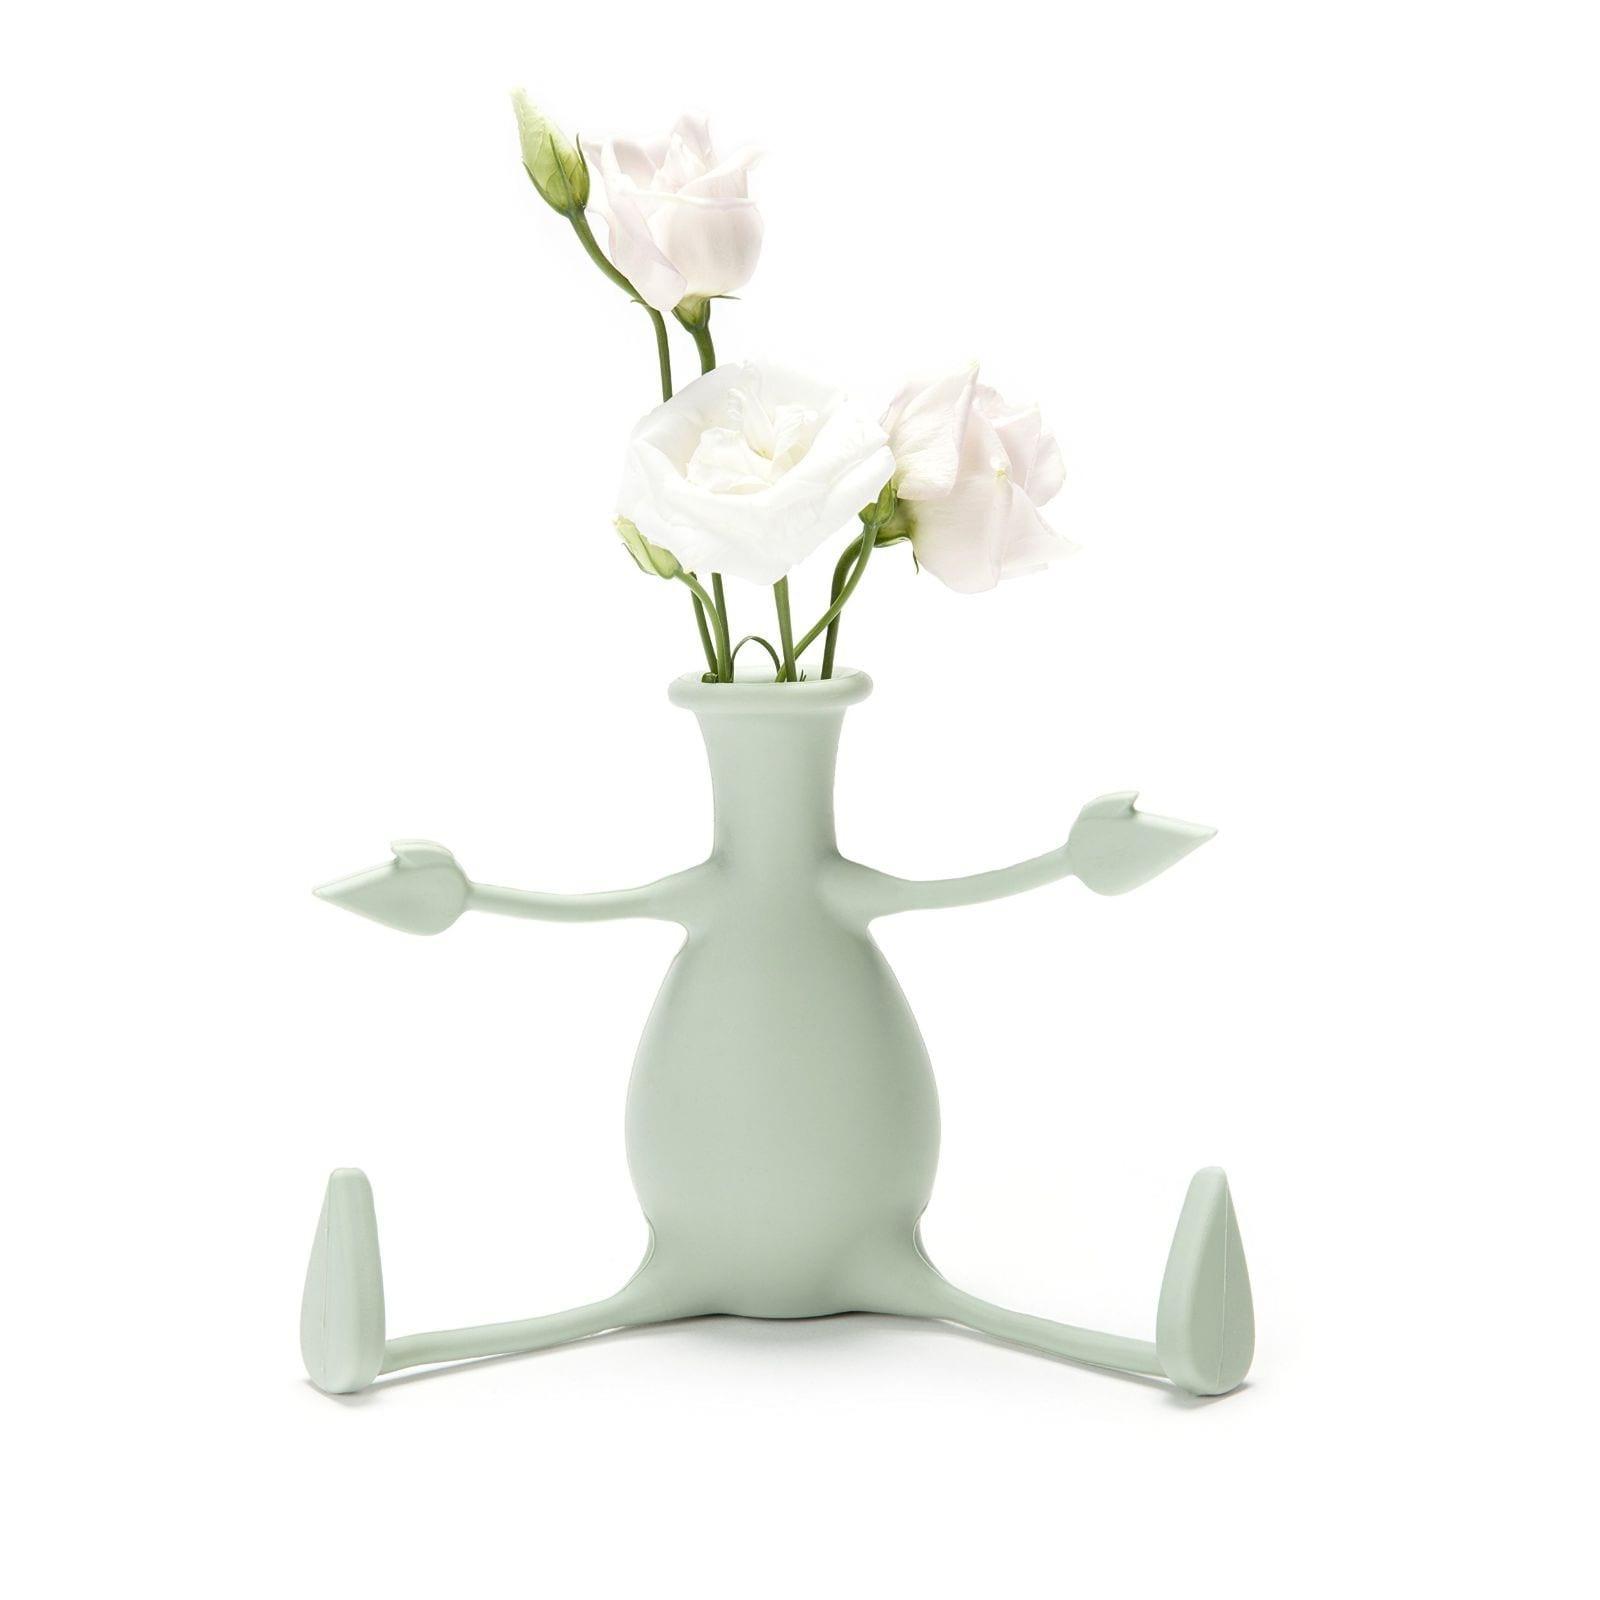 Εύκαμπτο Βάζο για Λουλούδια FLORINO (Μέντα) - Peleg Design